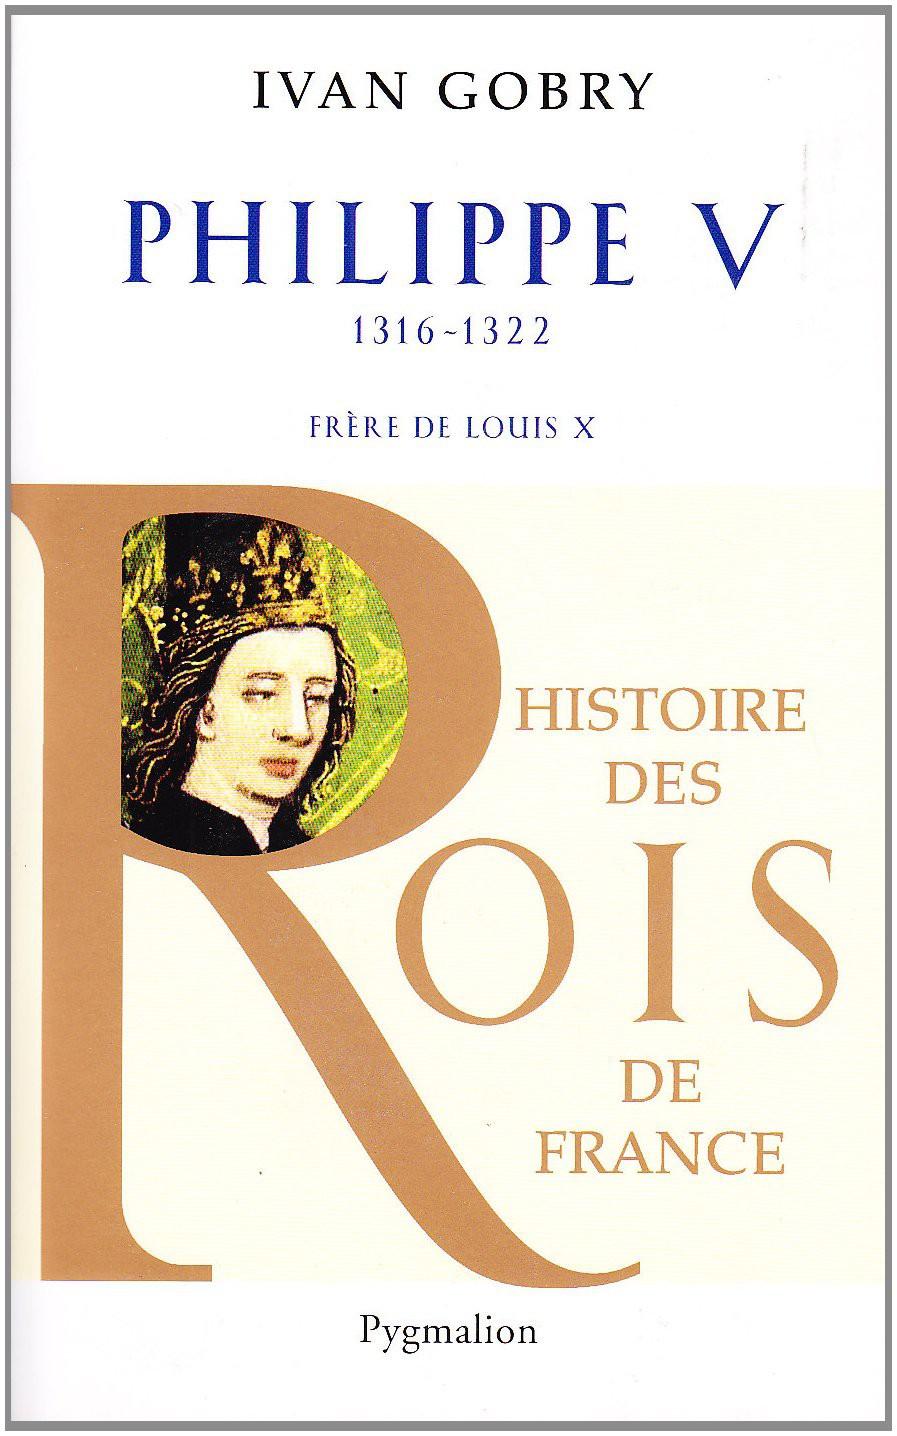 Philippe V, frère de Louis X